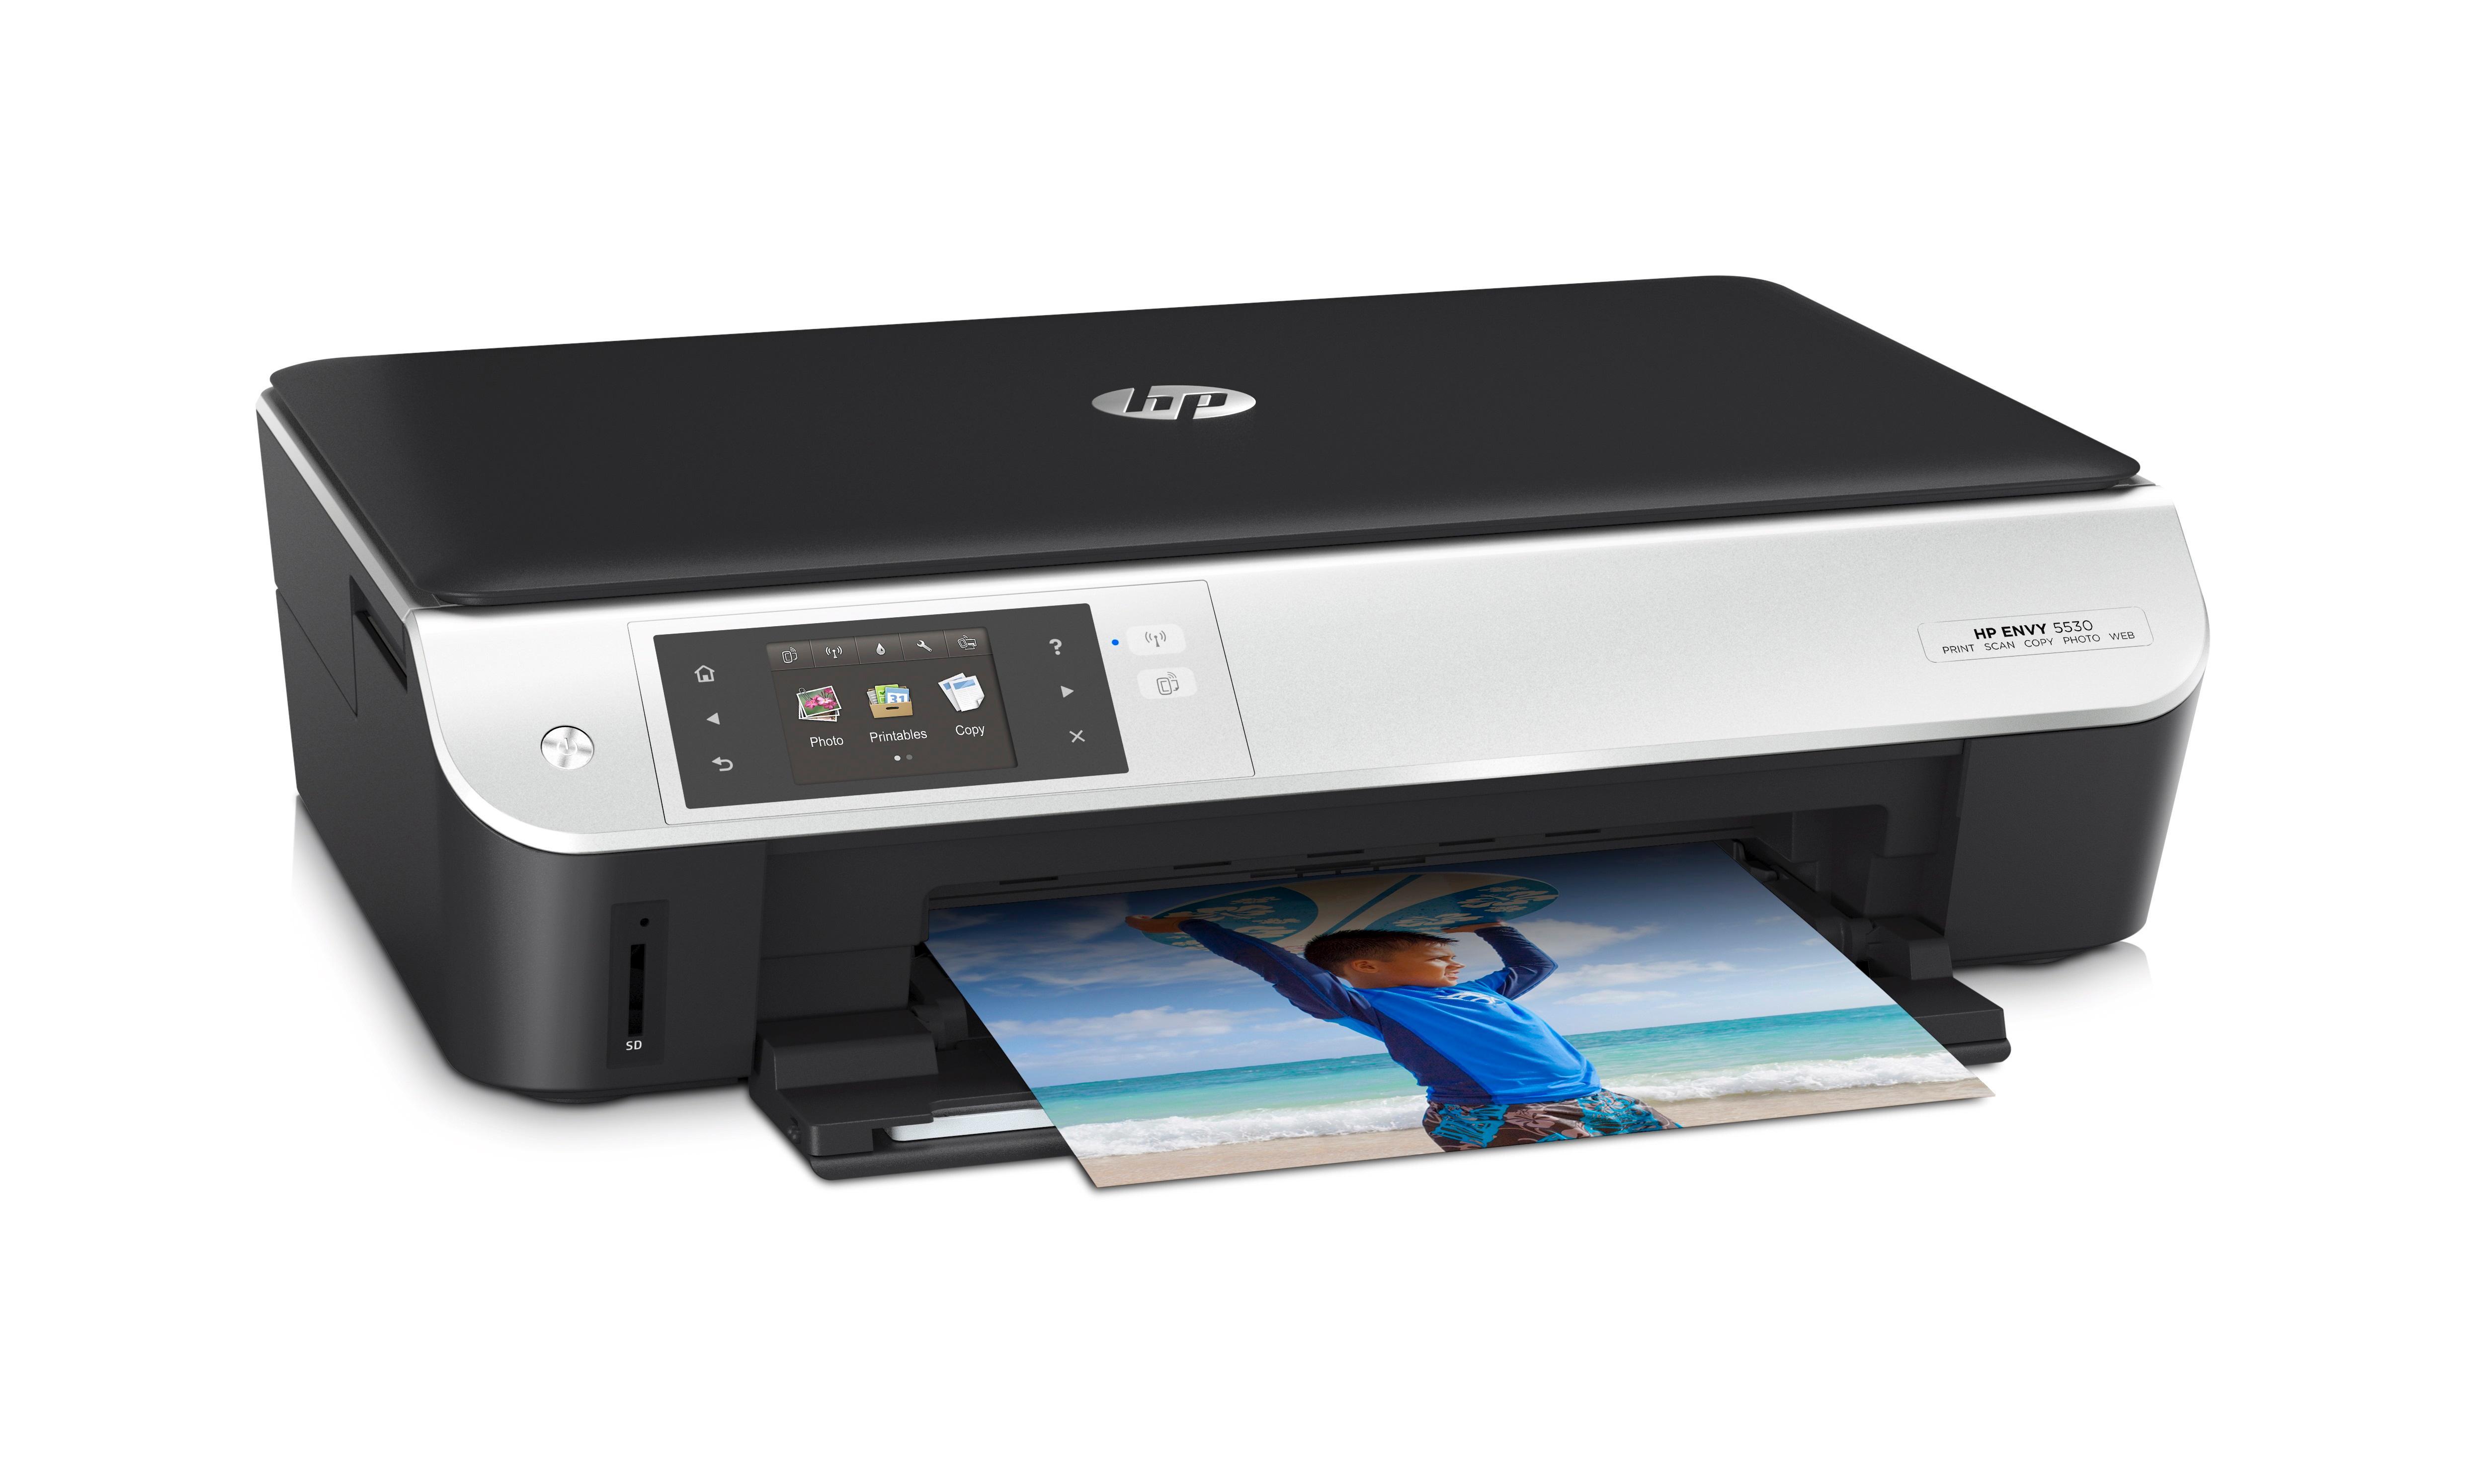 Hp envy 5530 all in one multifunktionsdrucker schwarz amazon de